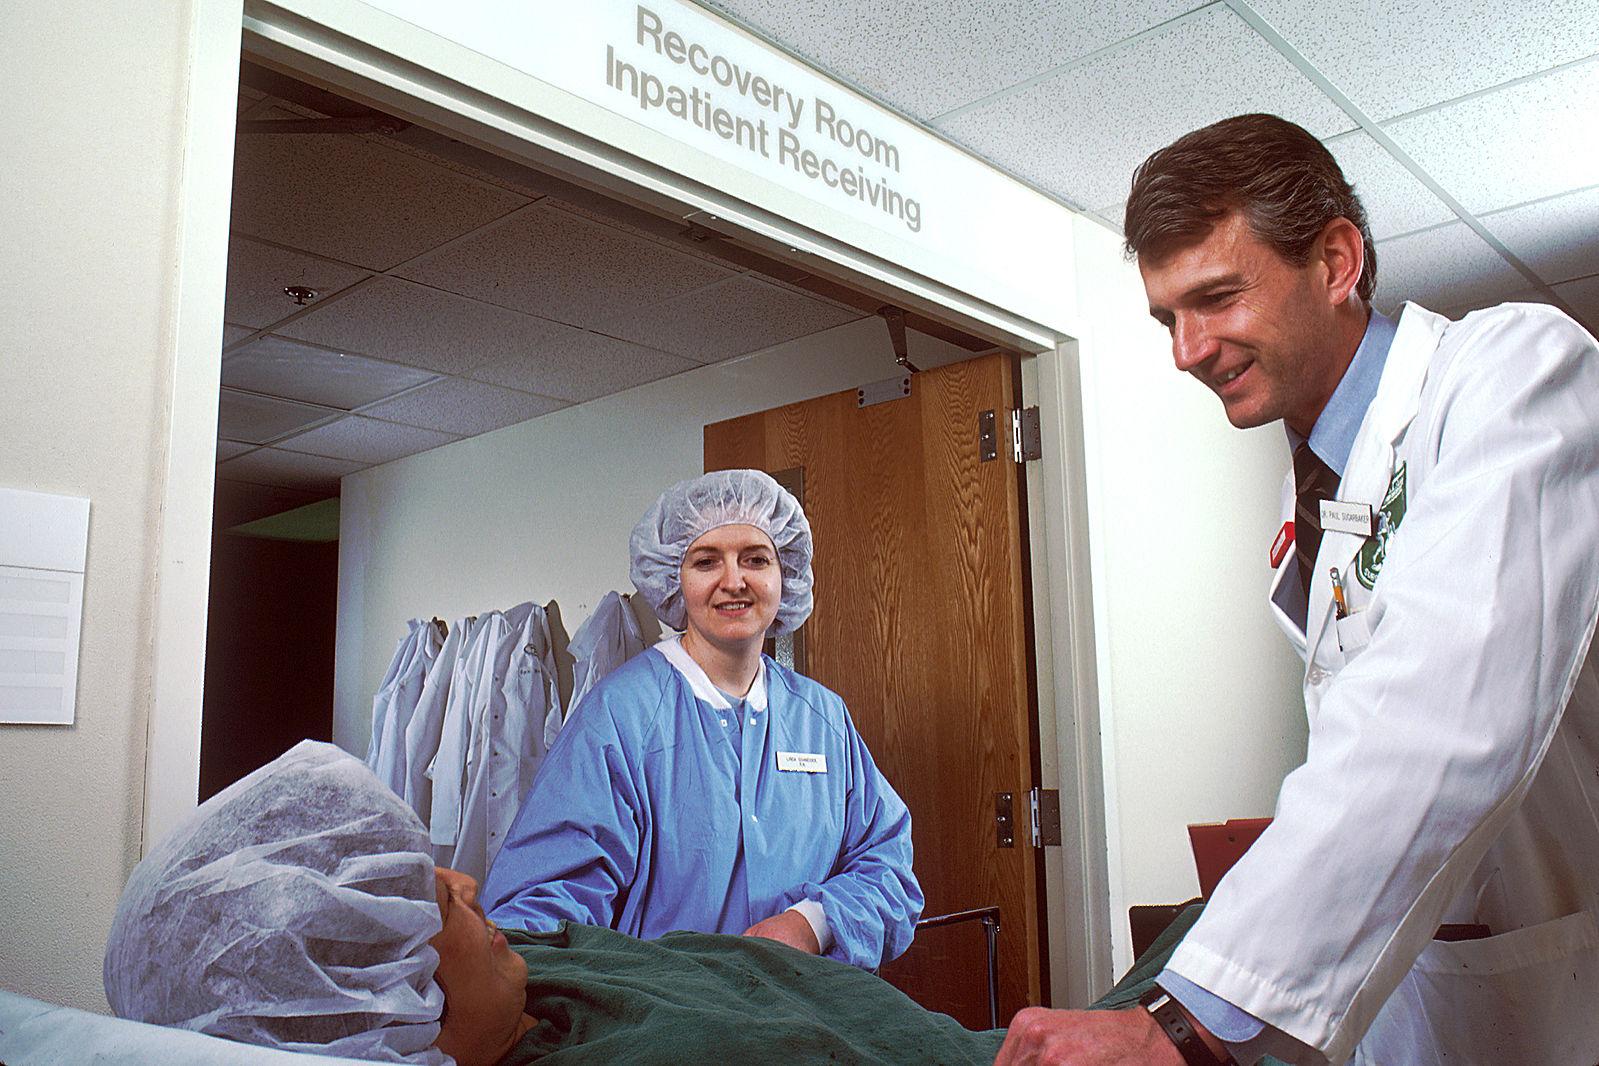 Ärzte handeln meistens nach Leitlinien. Diese werden von Fachverbänden herausgegeben.